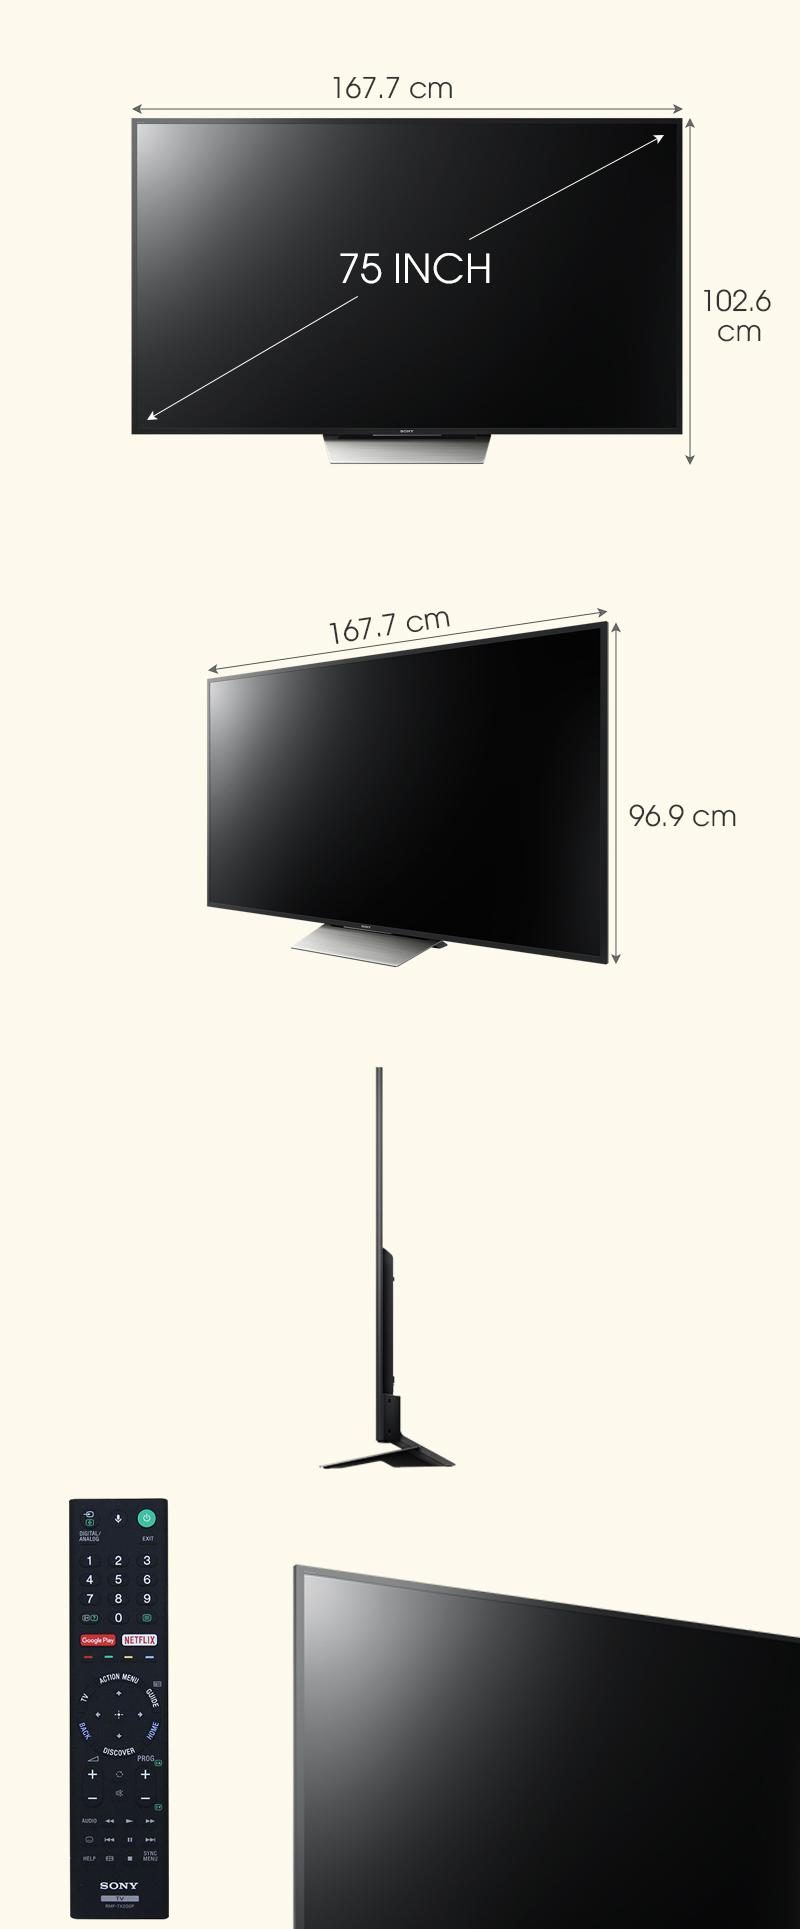 Android Tivi Sony 75 inch KD-75X8500D - Kích thước tivi